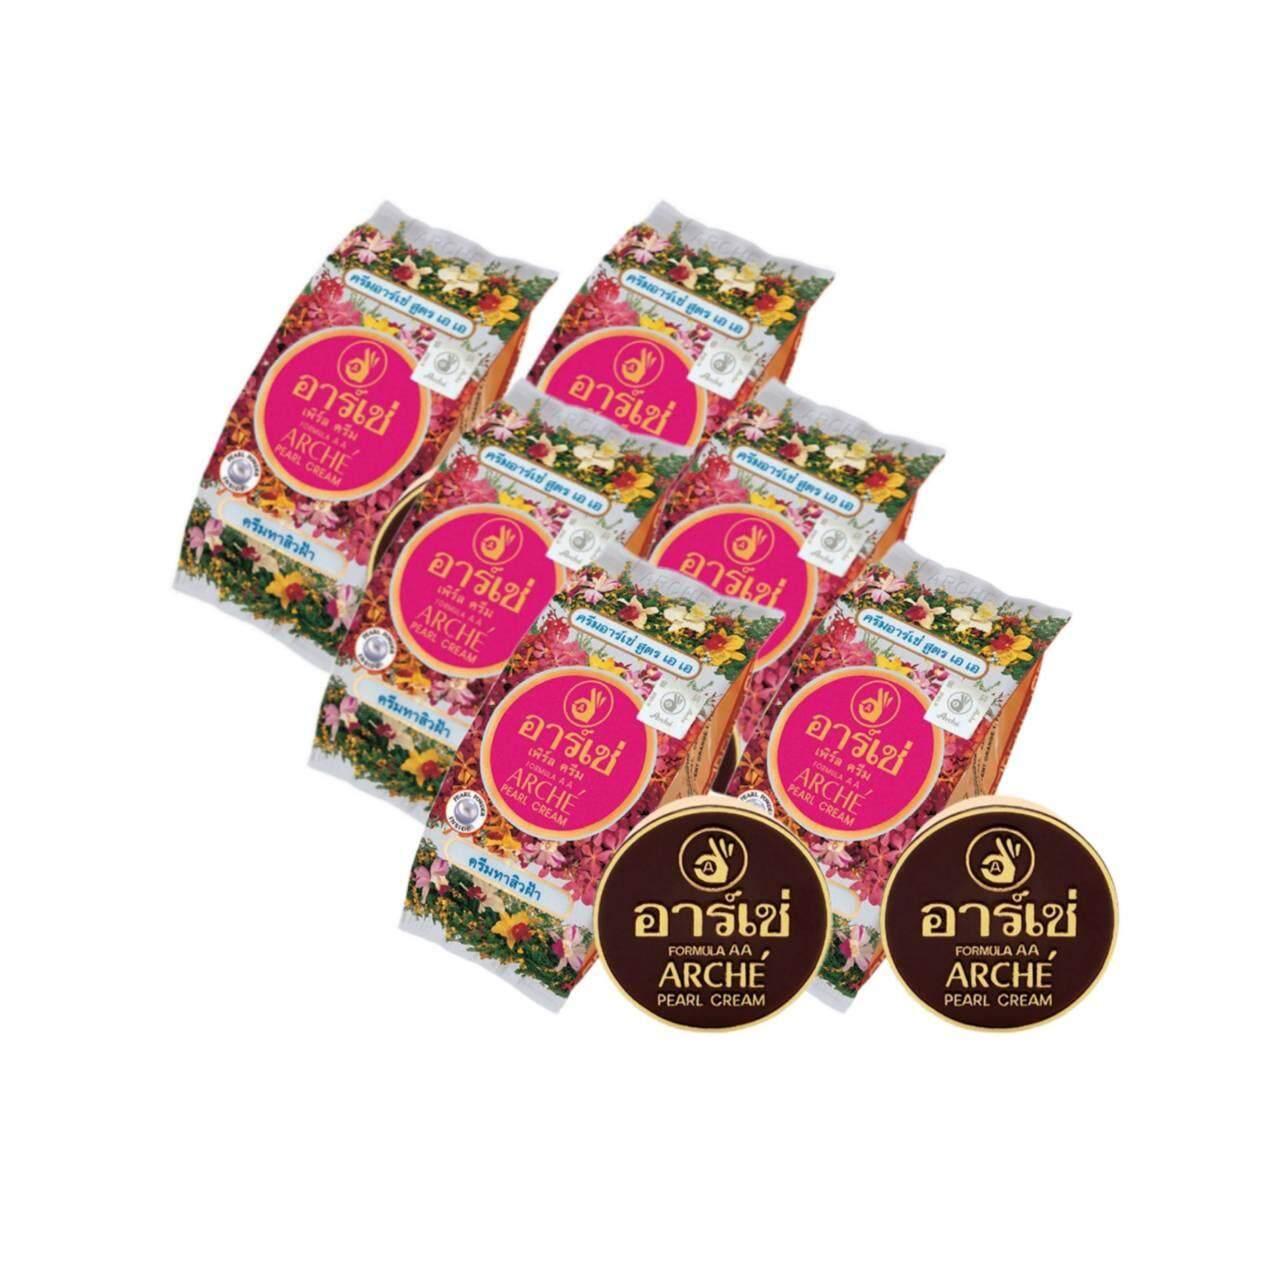 ครีมทาสิวฝ้า อาร์เช่ เพิร์ล ครีม สูตรเอ เอ Arche Pearl Cream ( 6 ซอง).